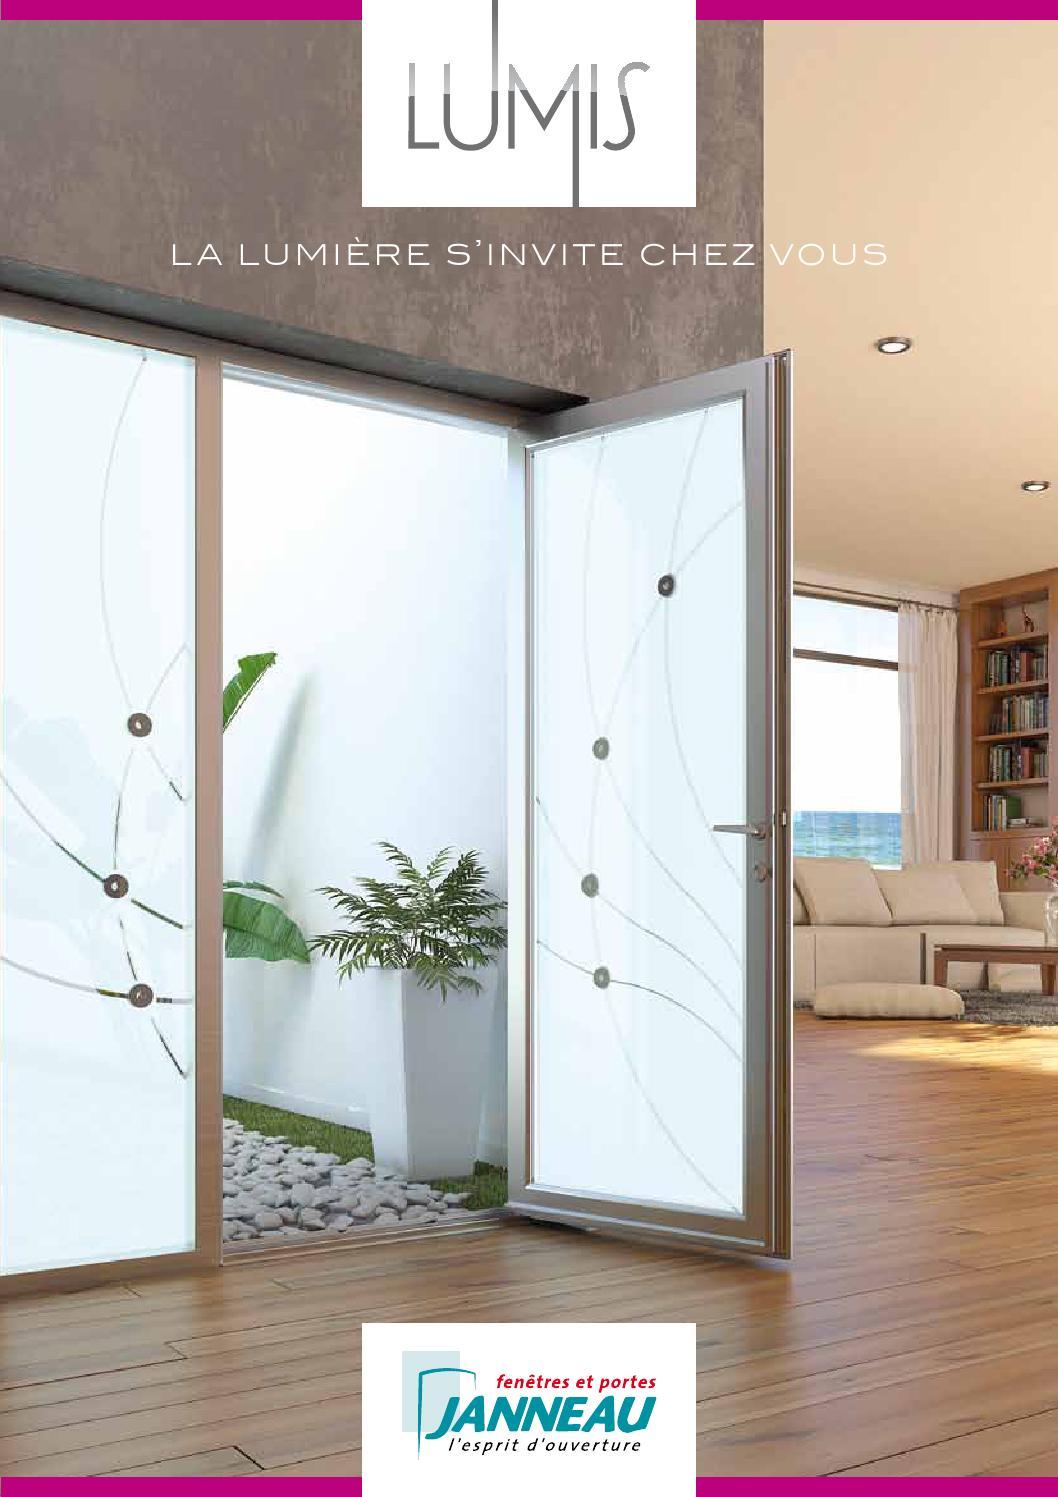 Lumis by janneau menuiseries issuu for Fenetre janneau